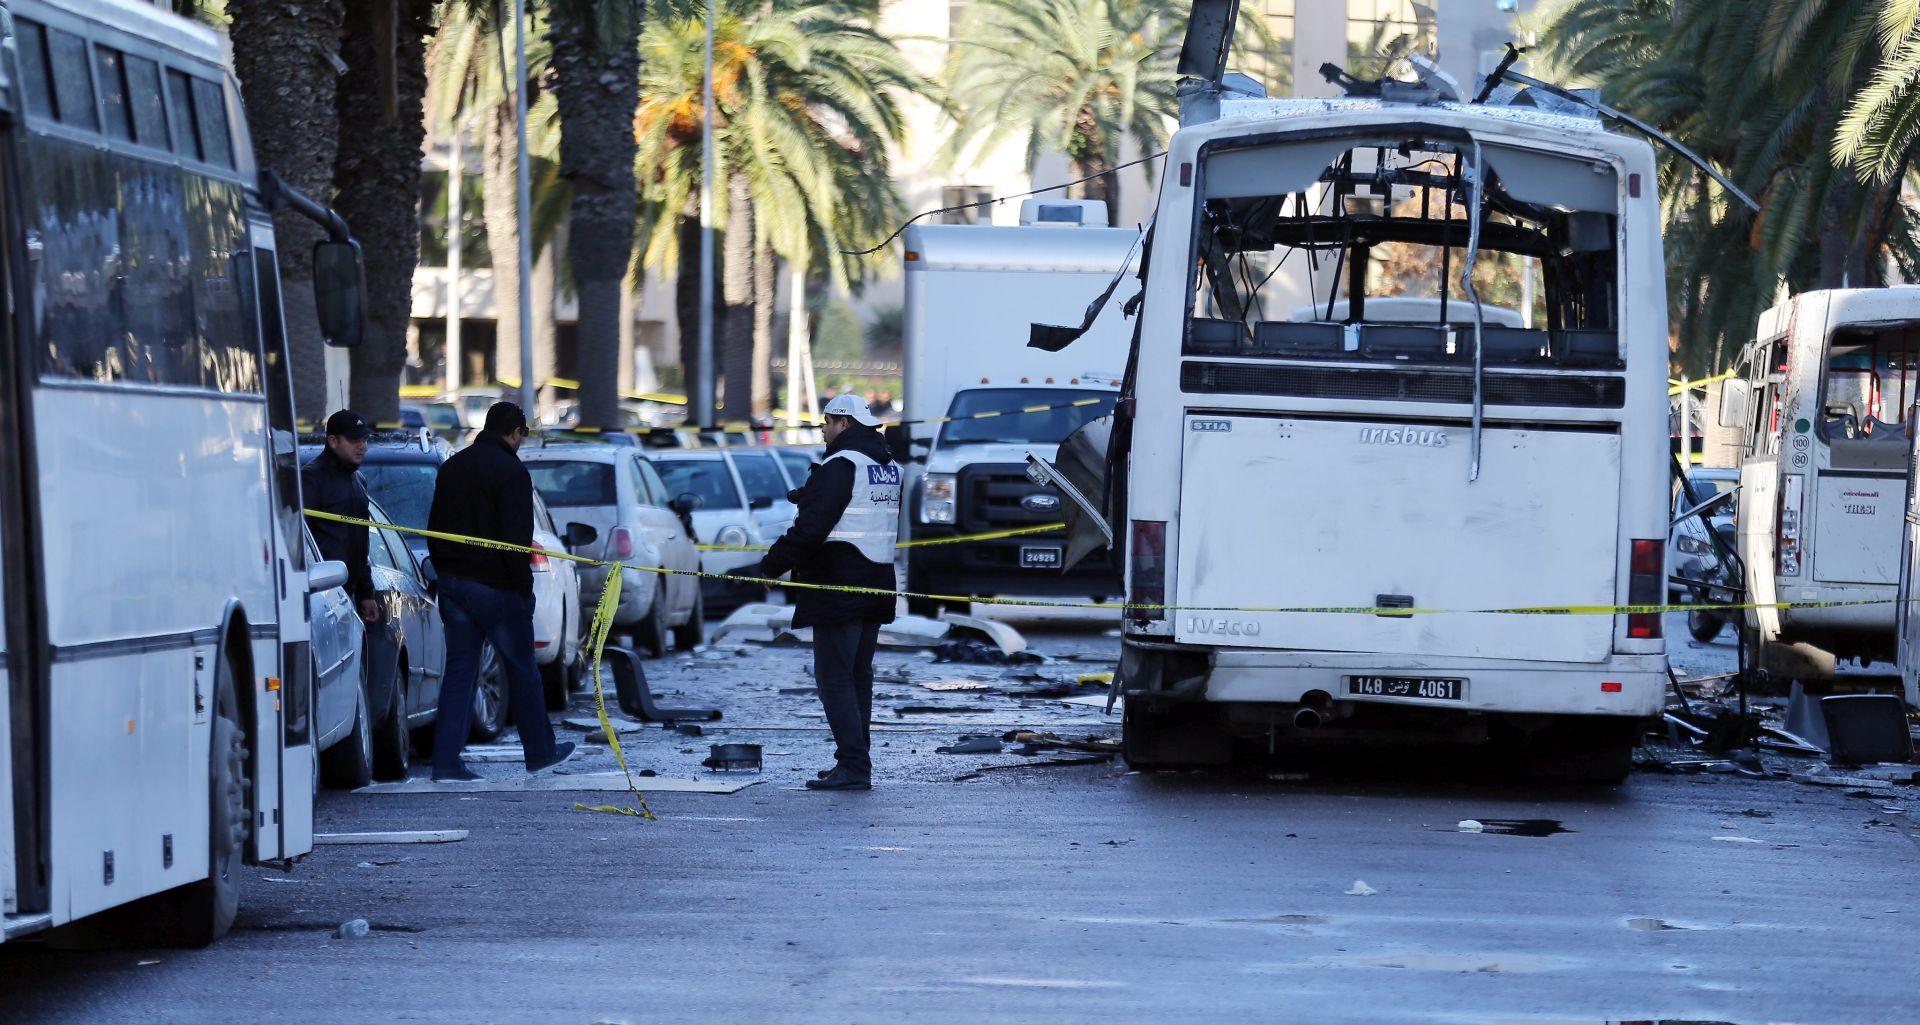 NAPADAČ VJEROJATNO MEĐU STRADALIMA Islamska država preuzela odgovornost za napad u Tunisu